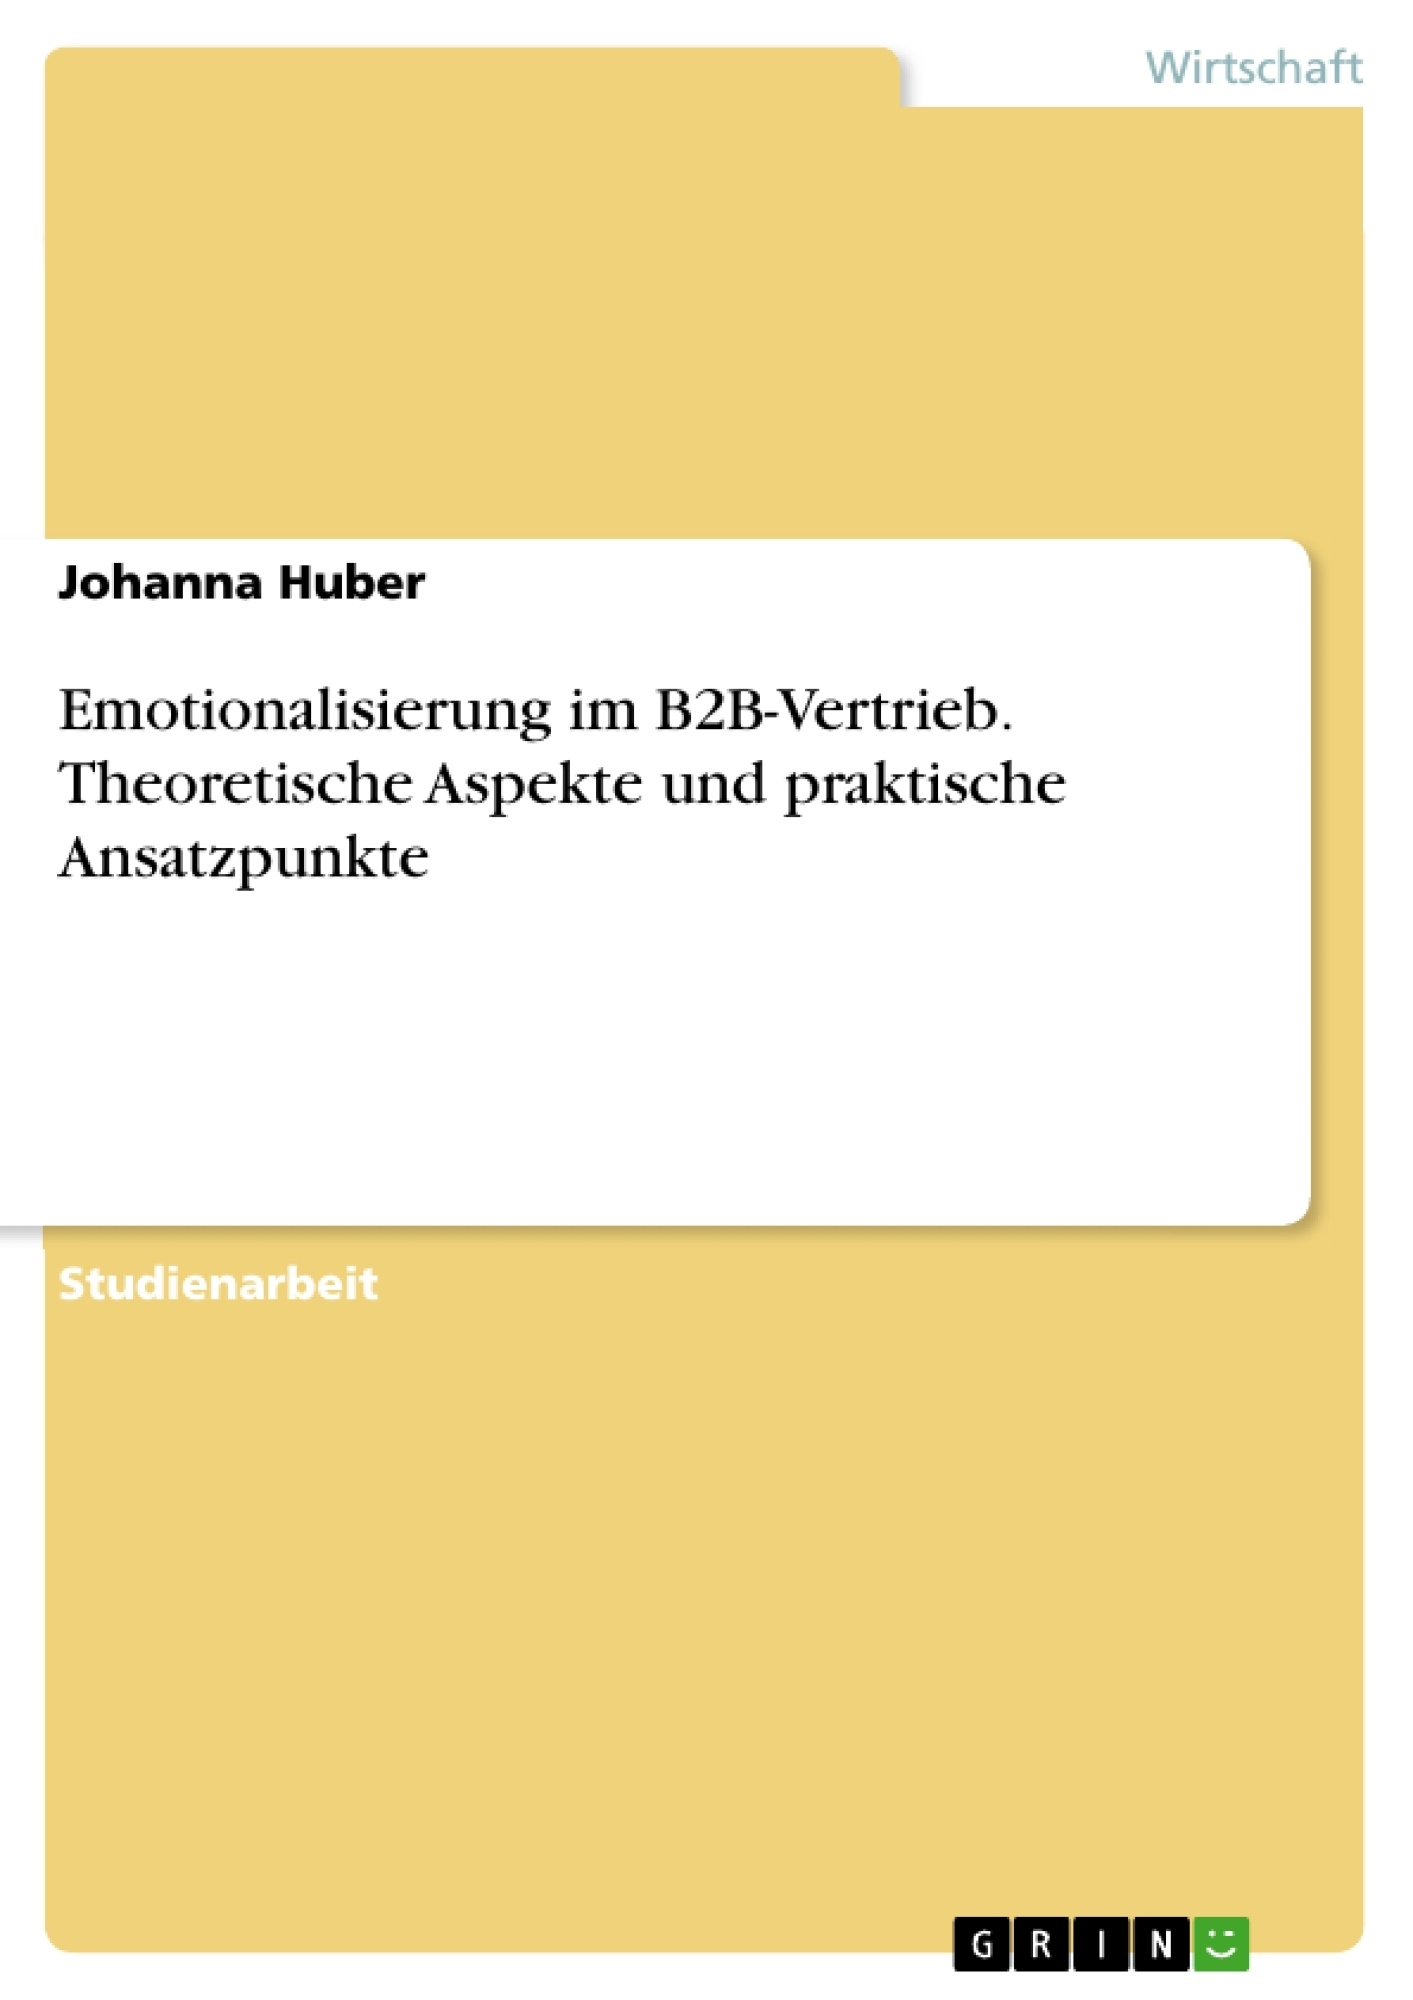 Titel: Emotionalisierung im B2B-Vertrieb. Theoretische Aspekte und praktische Ansatzpunkte